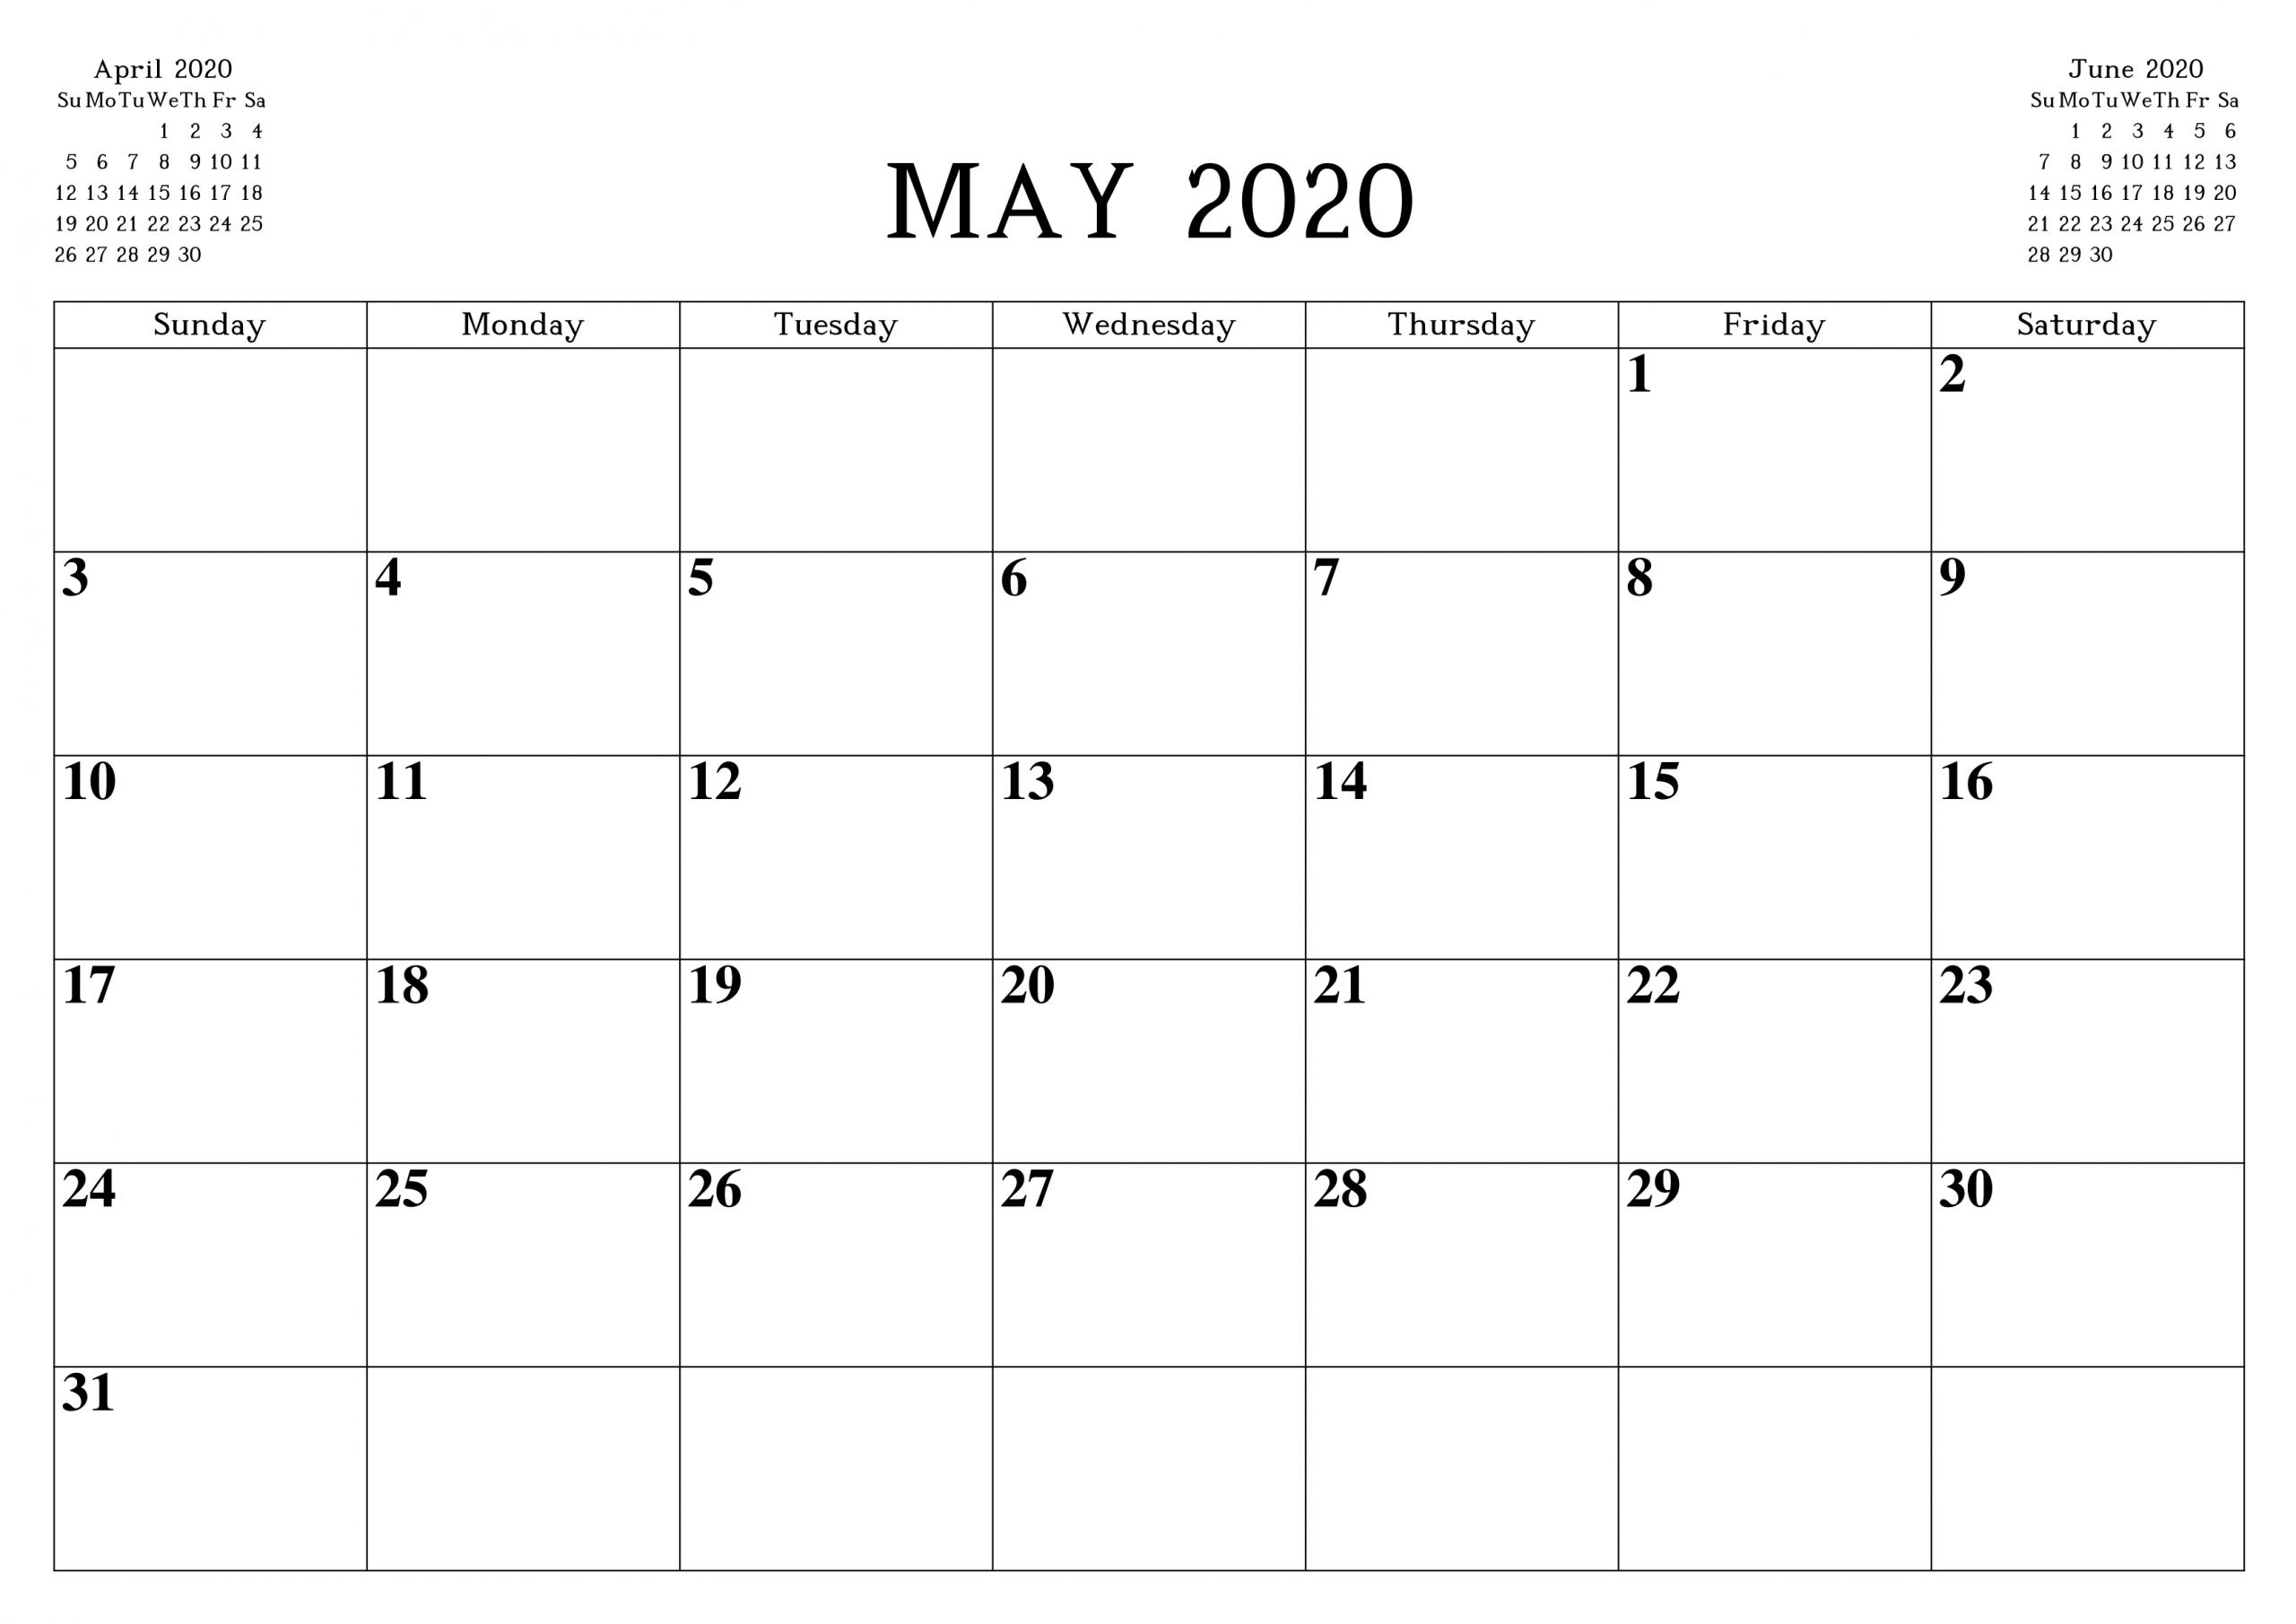 May 2020 Calendar Printable Word Pdf Waterproof - Free